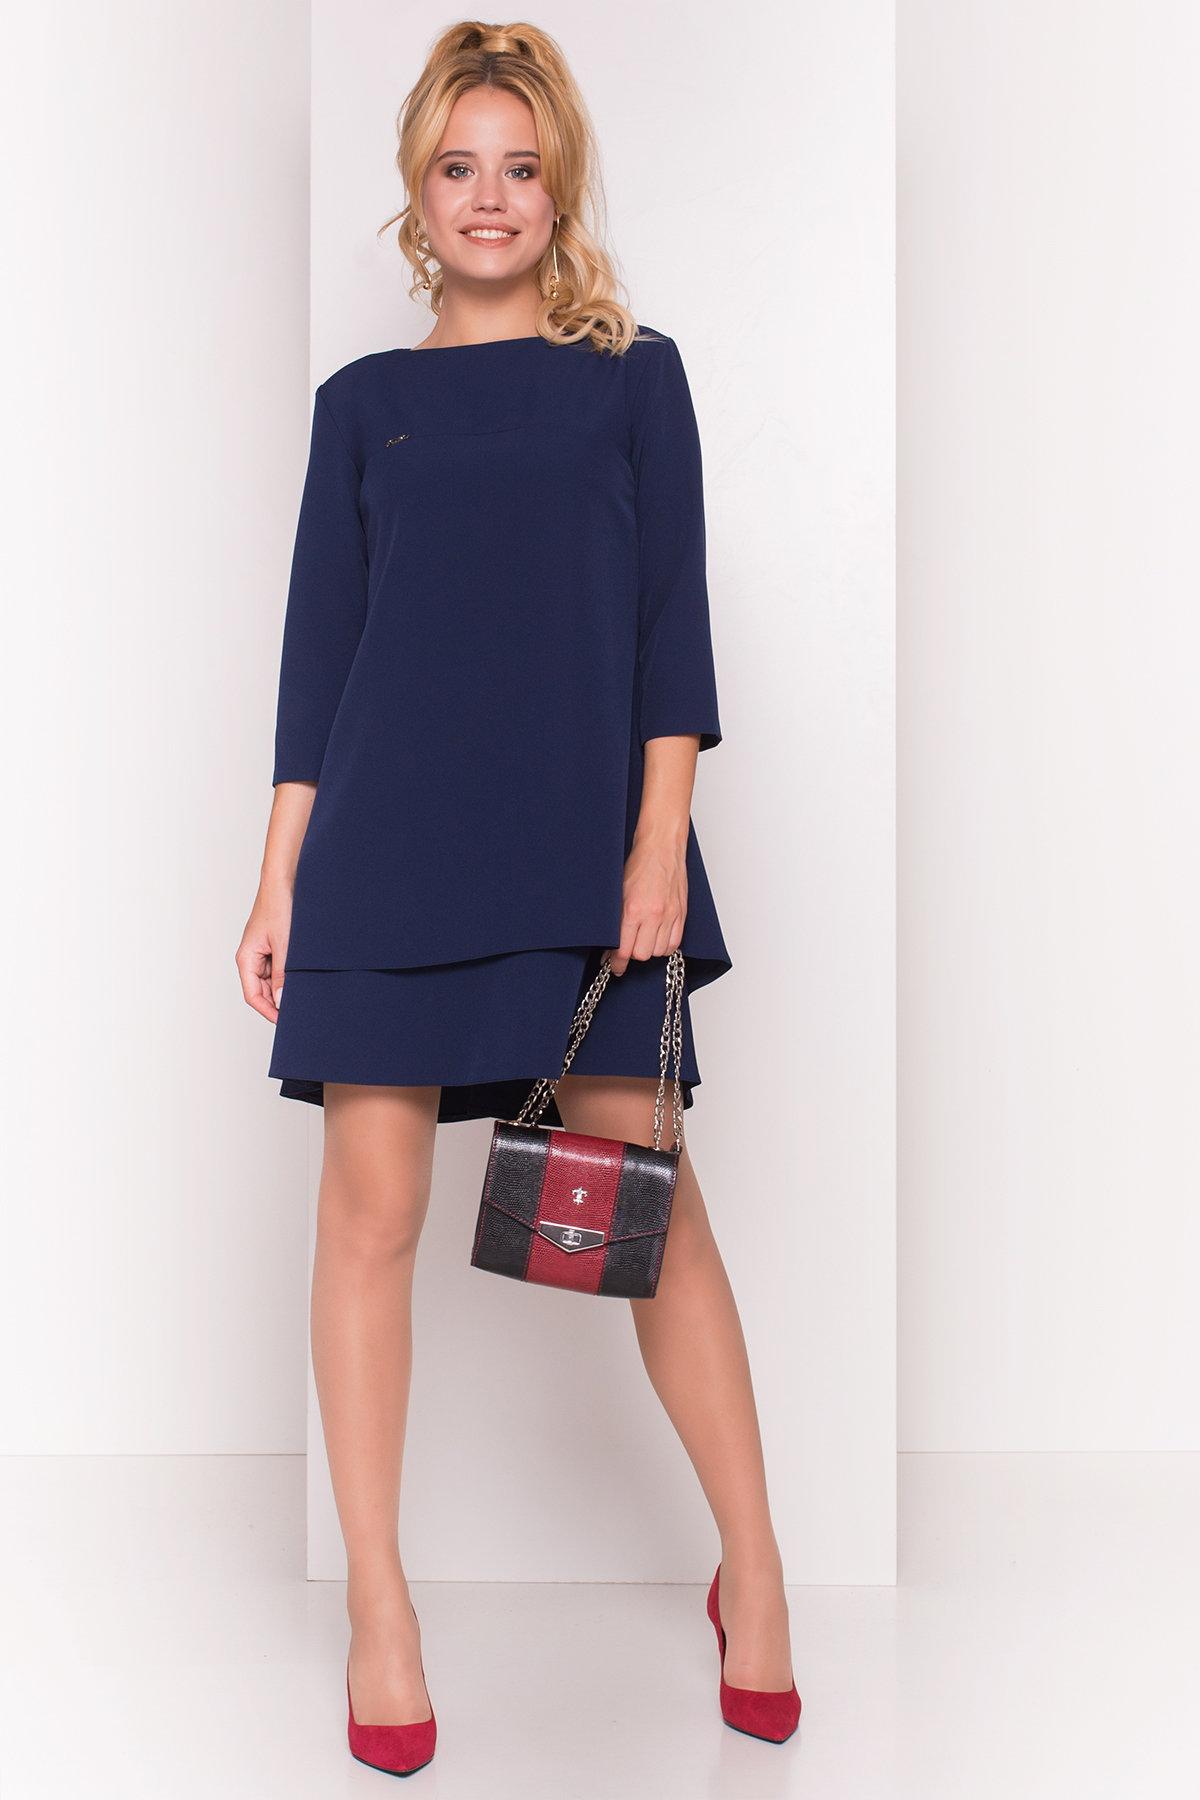 Купить оптом трикотажные платья в Украине Платье Делафер 3245